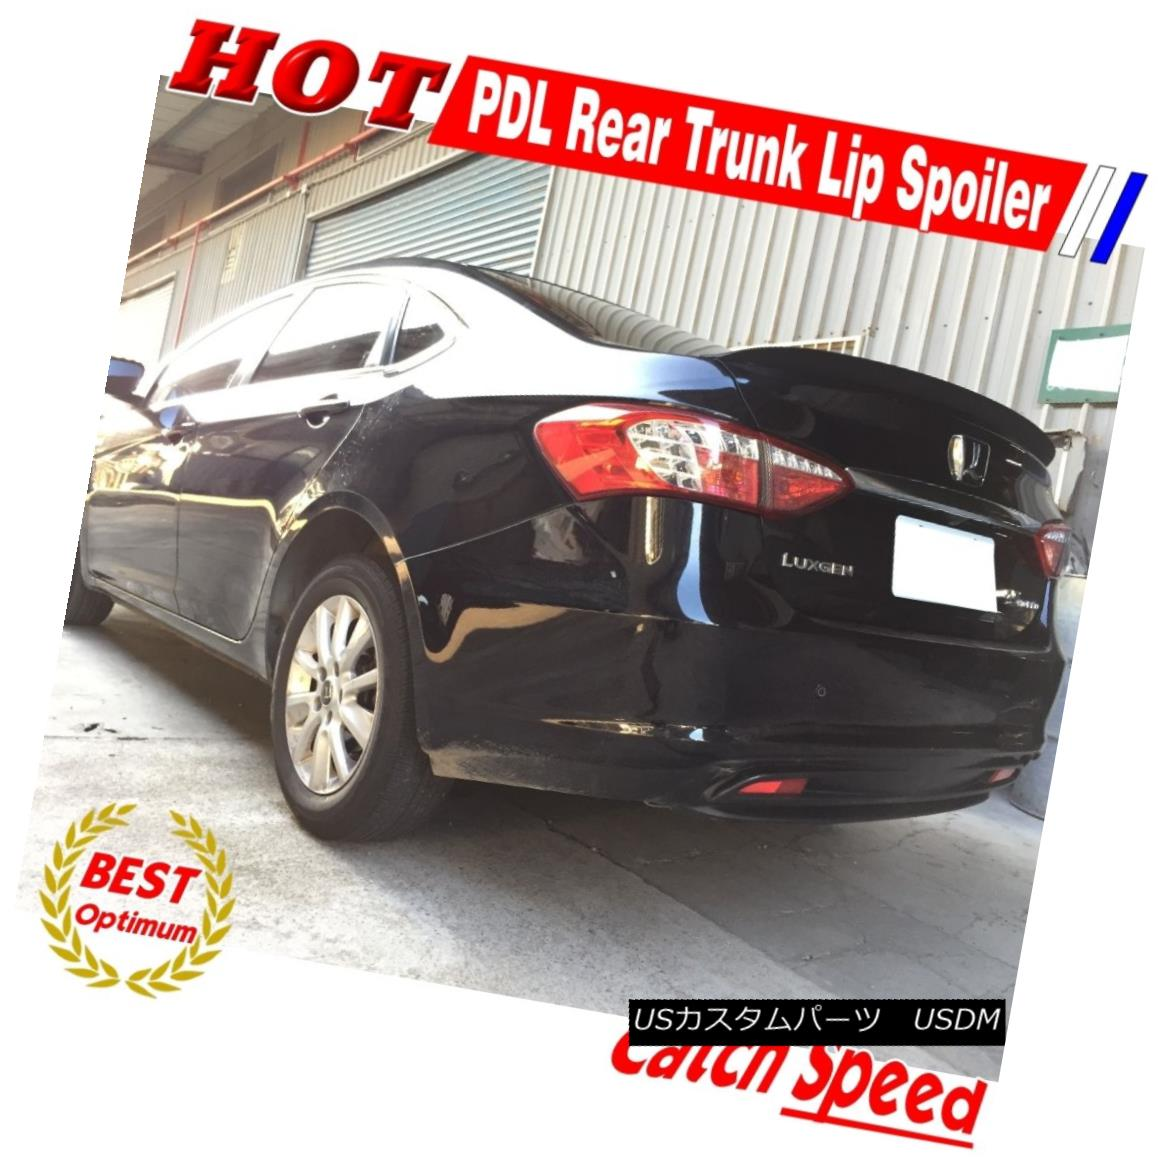 エアロパーツ Flat Black P Style Rear Trunk Lip Spoiler Wing For Honda Accord Coupe 2008-12 ホンダアコードクーペのフラットブラックPスタイルリアトランクリップスポイラーウイング